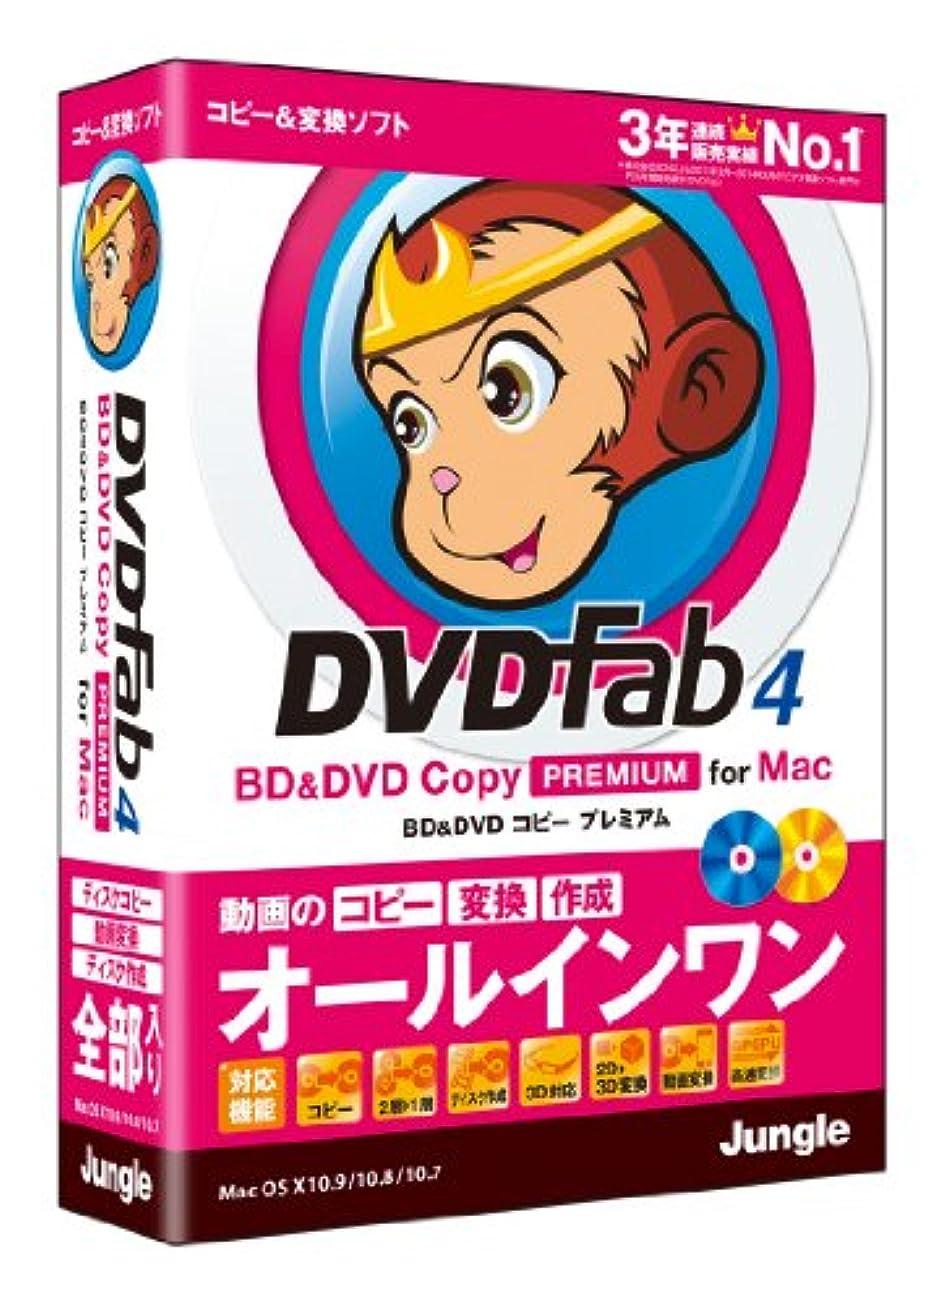 チェスをするドキドキ接続詞DVDFab4 BD&DVD コピープレミアム for Mac